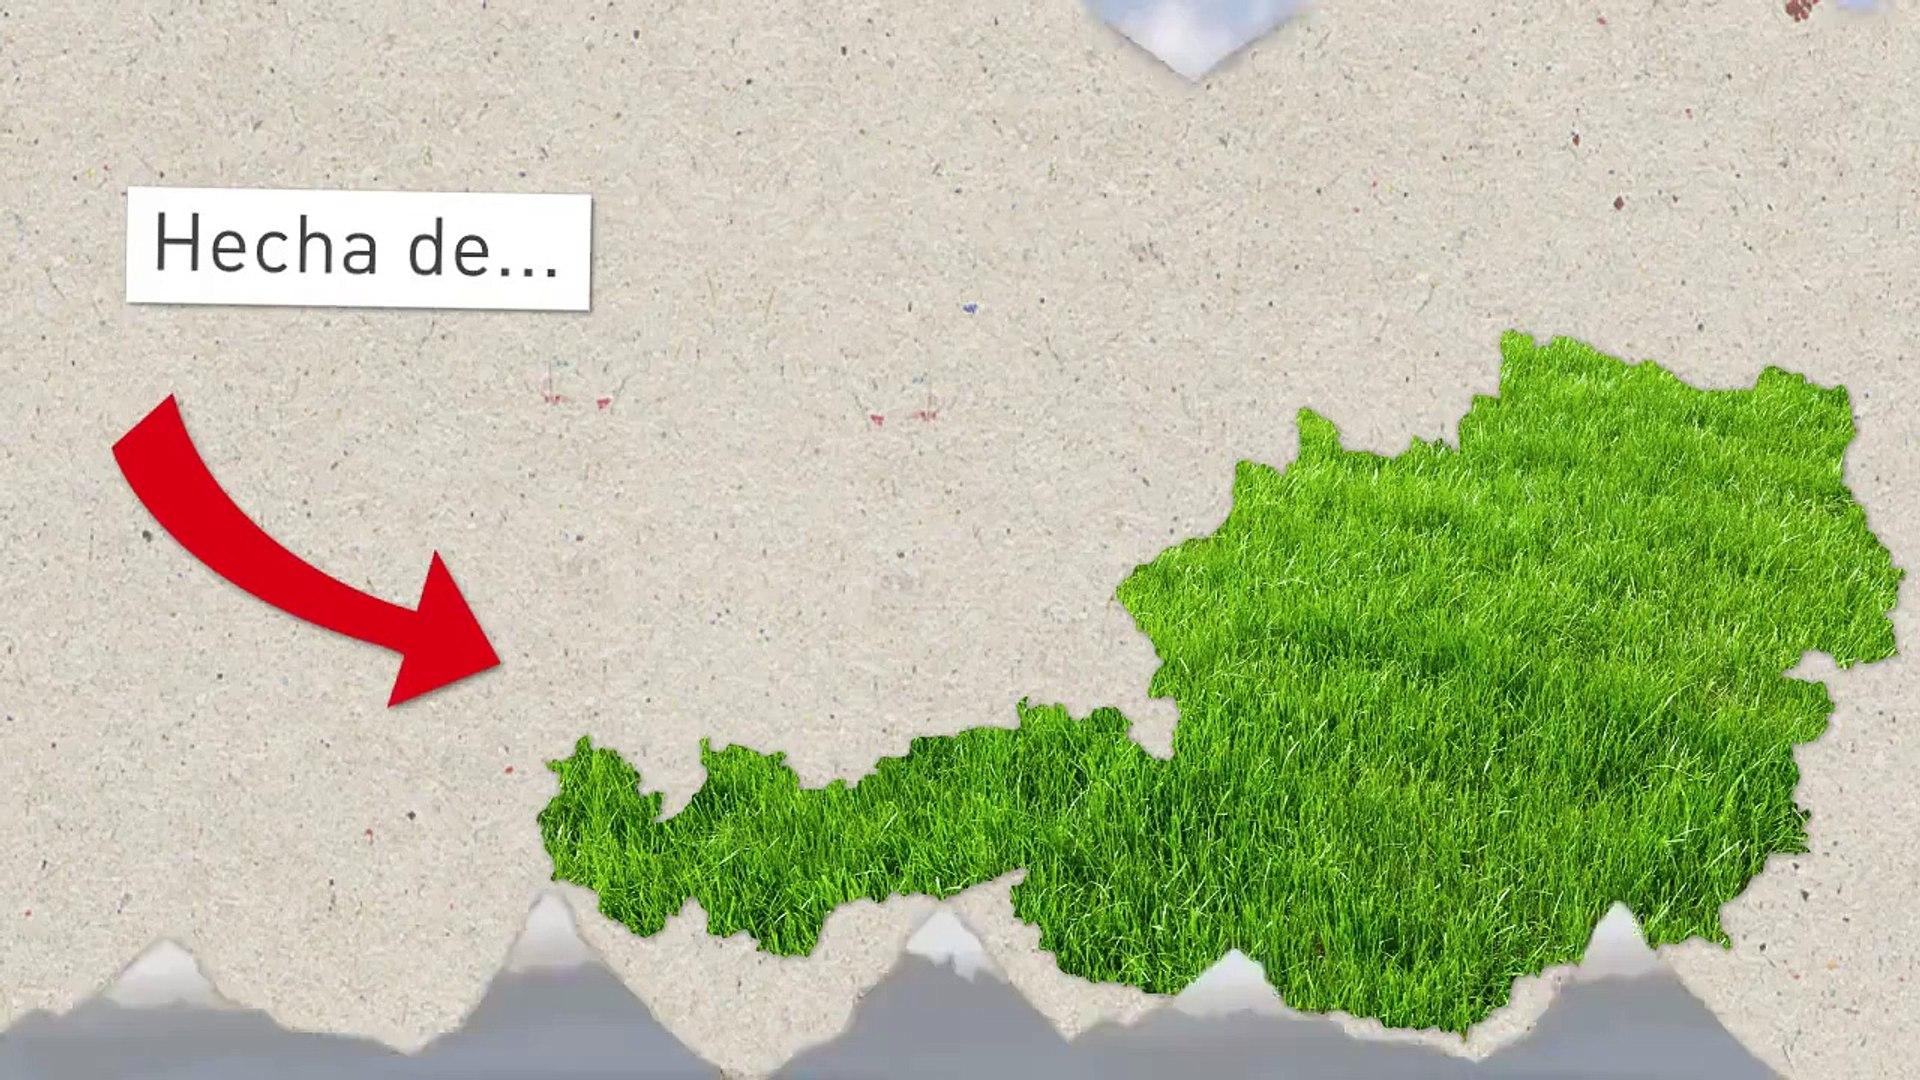 Advantage Austria - Innovaciones y hechos de Austria - Gráfico informativo (español)